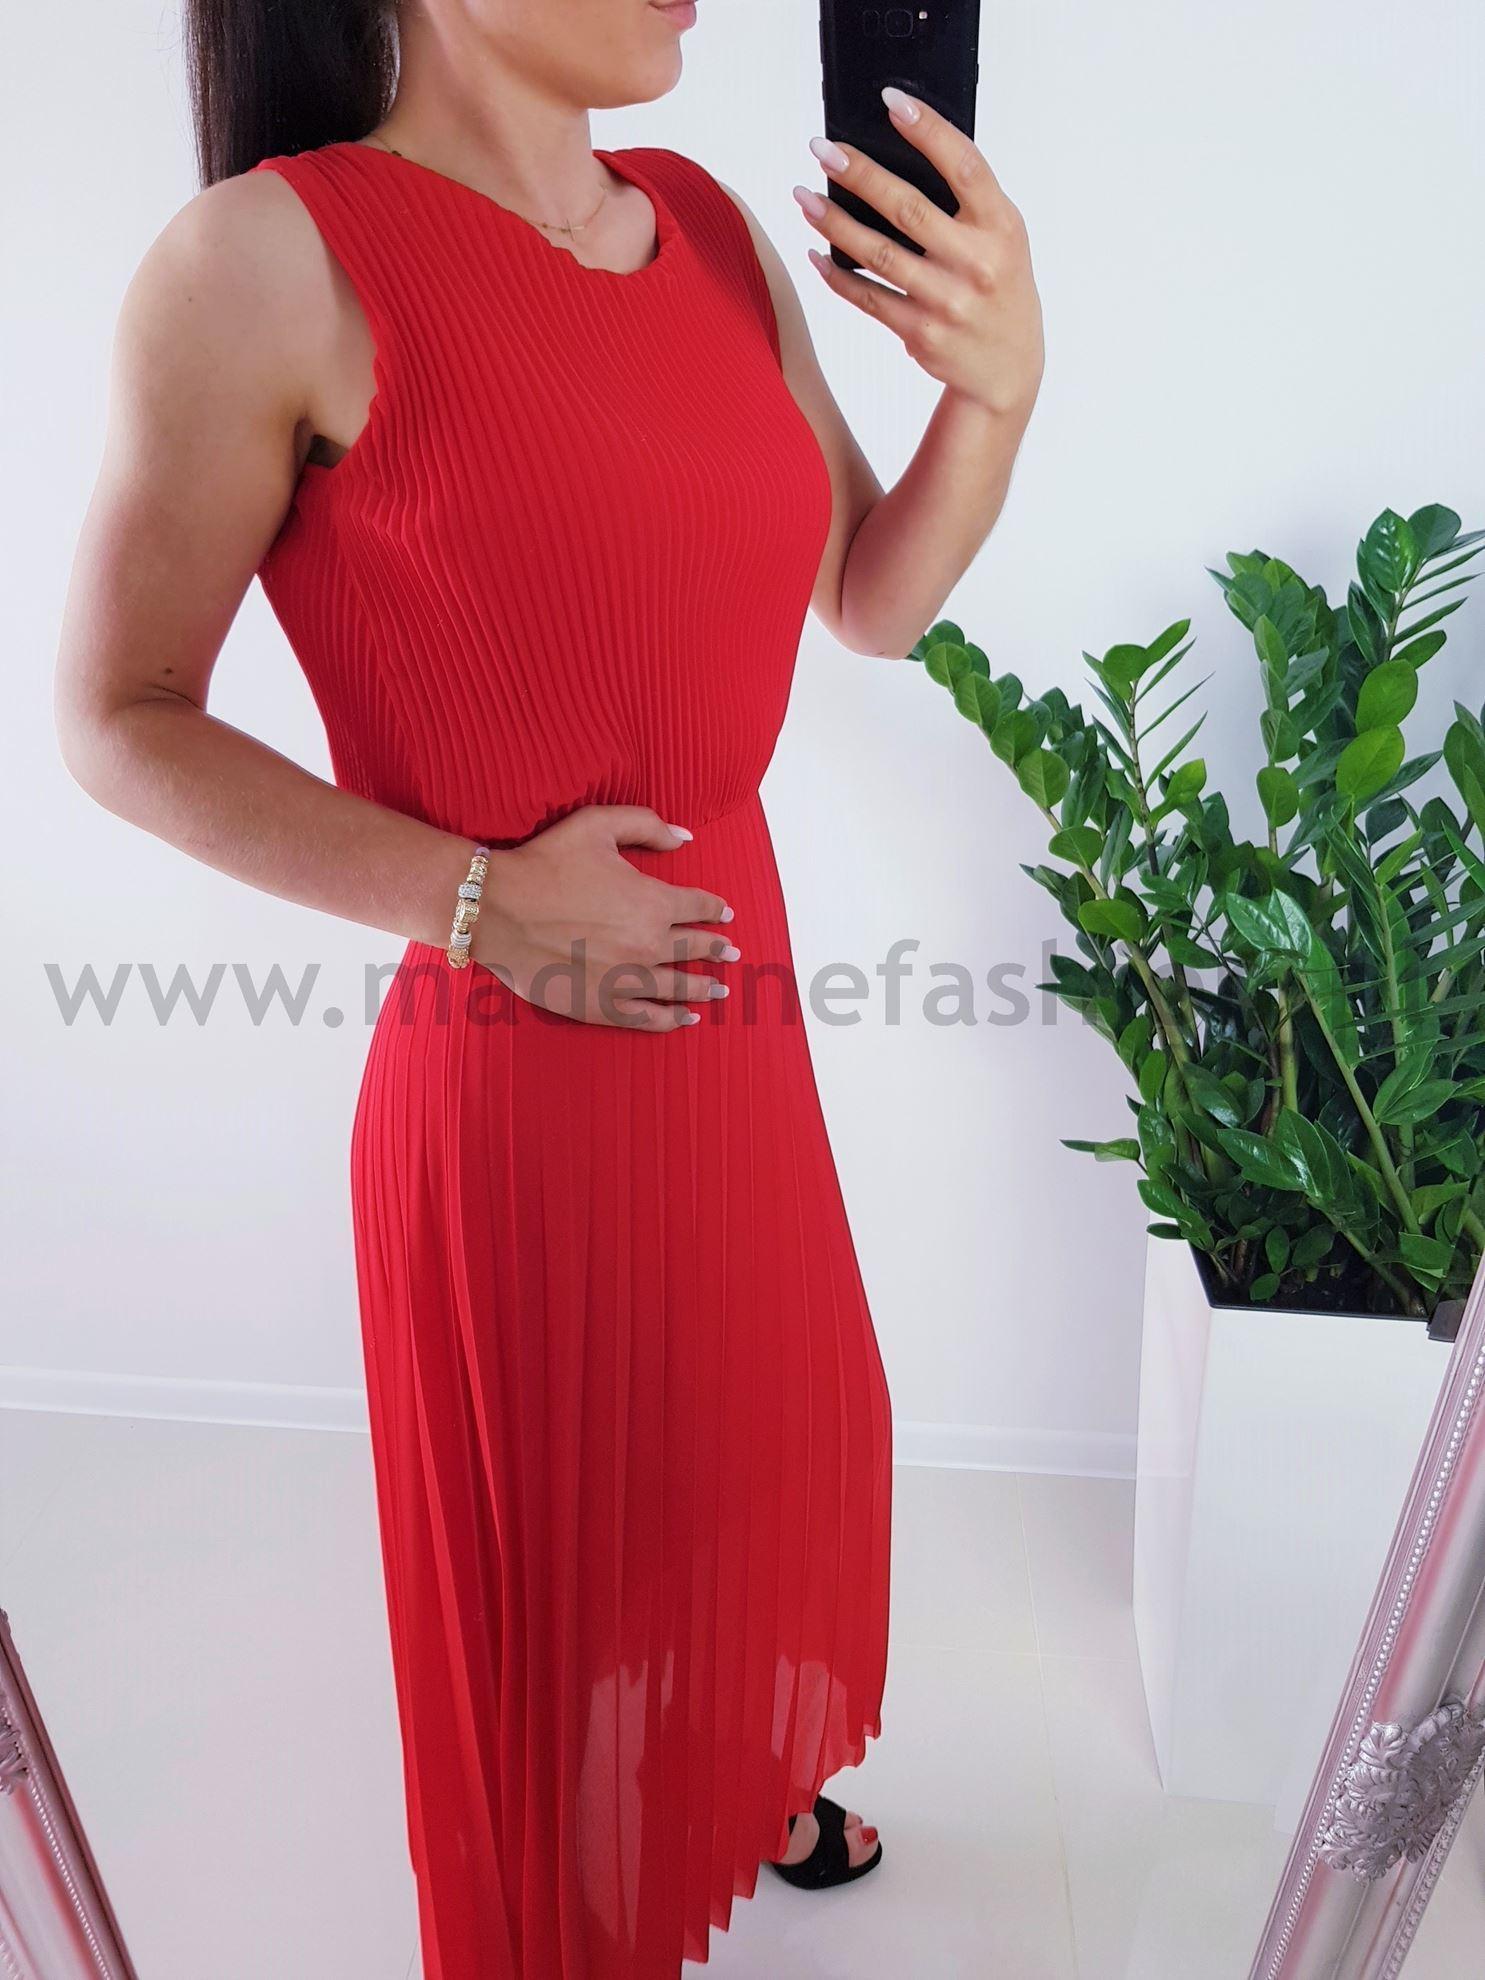 products 0003858 sukienka plisowana dalmatia maxi czerwona 1